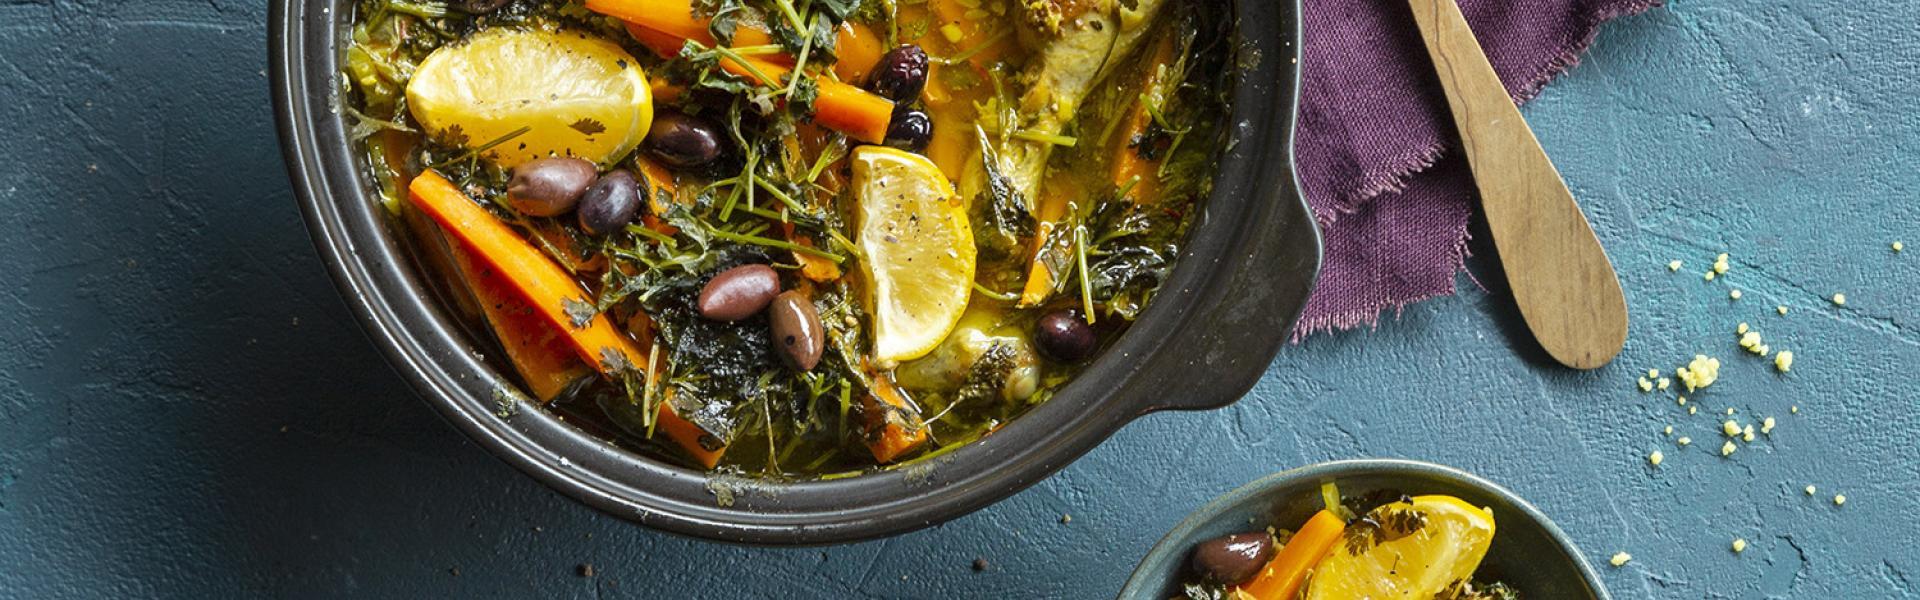 Tajine mit Zitronenhähnchen in der Tajine angerichtet. Drumherum eine Schale mit Couscous und dem Gericht.